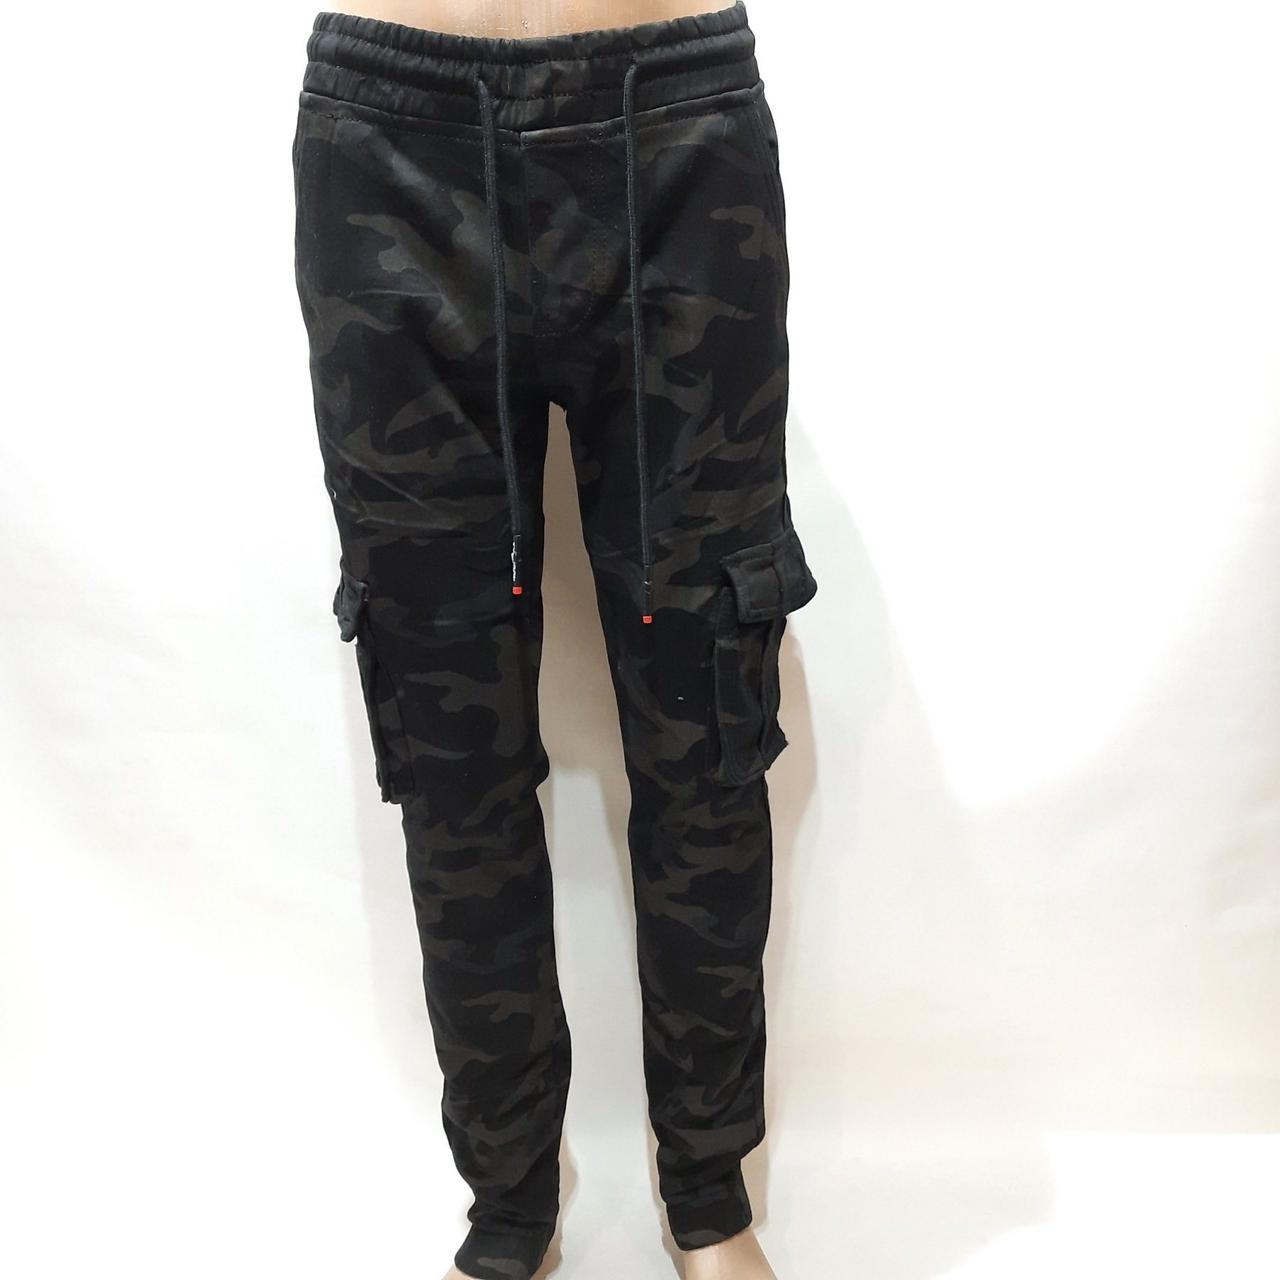 Зимние мужские джинсы, р. 30 последние теплые карго на флисе Vingvgs Камуфляж